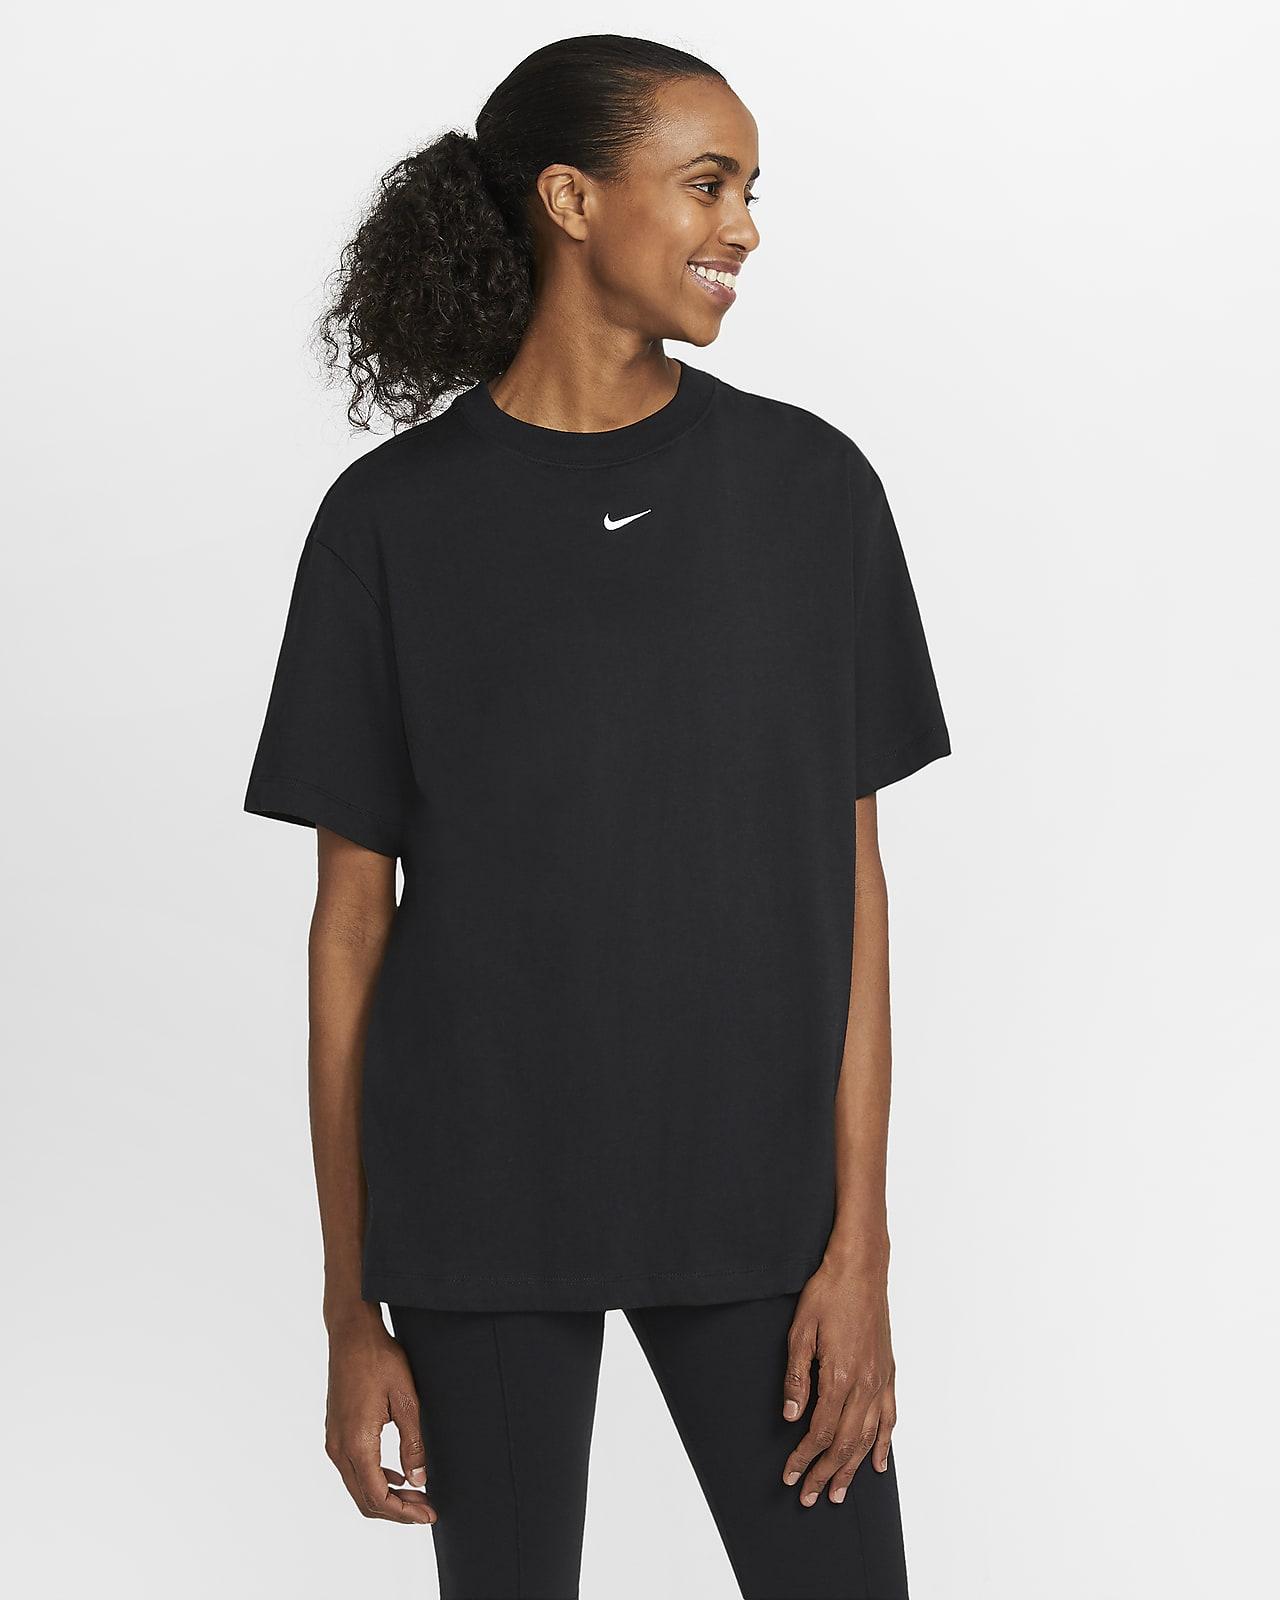 เสื้อผู้หญิง Nike Sportswear Essential